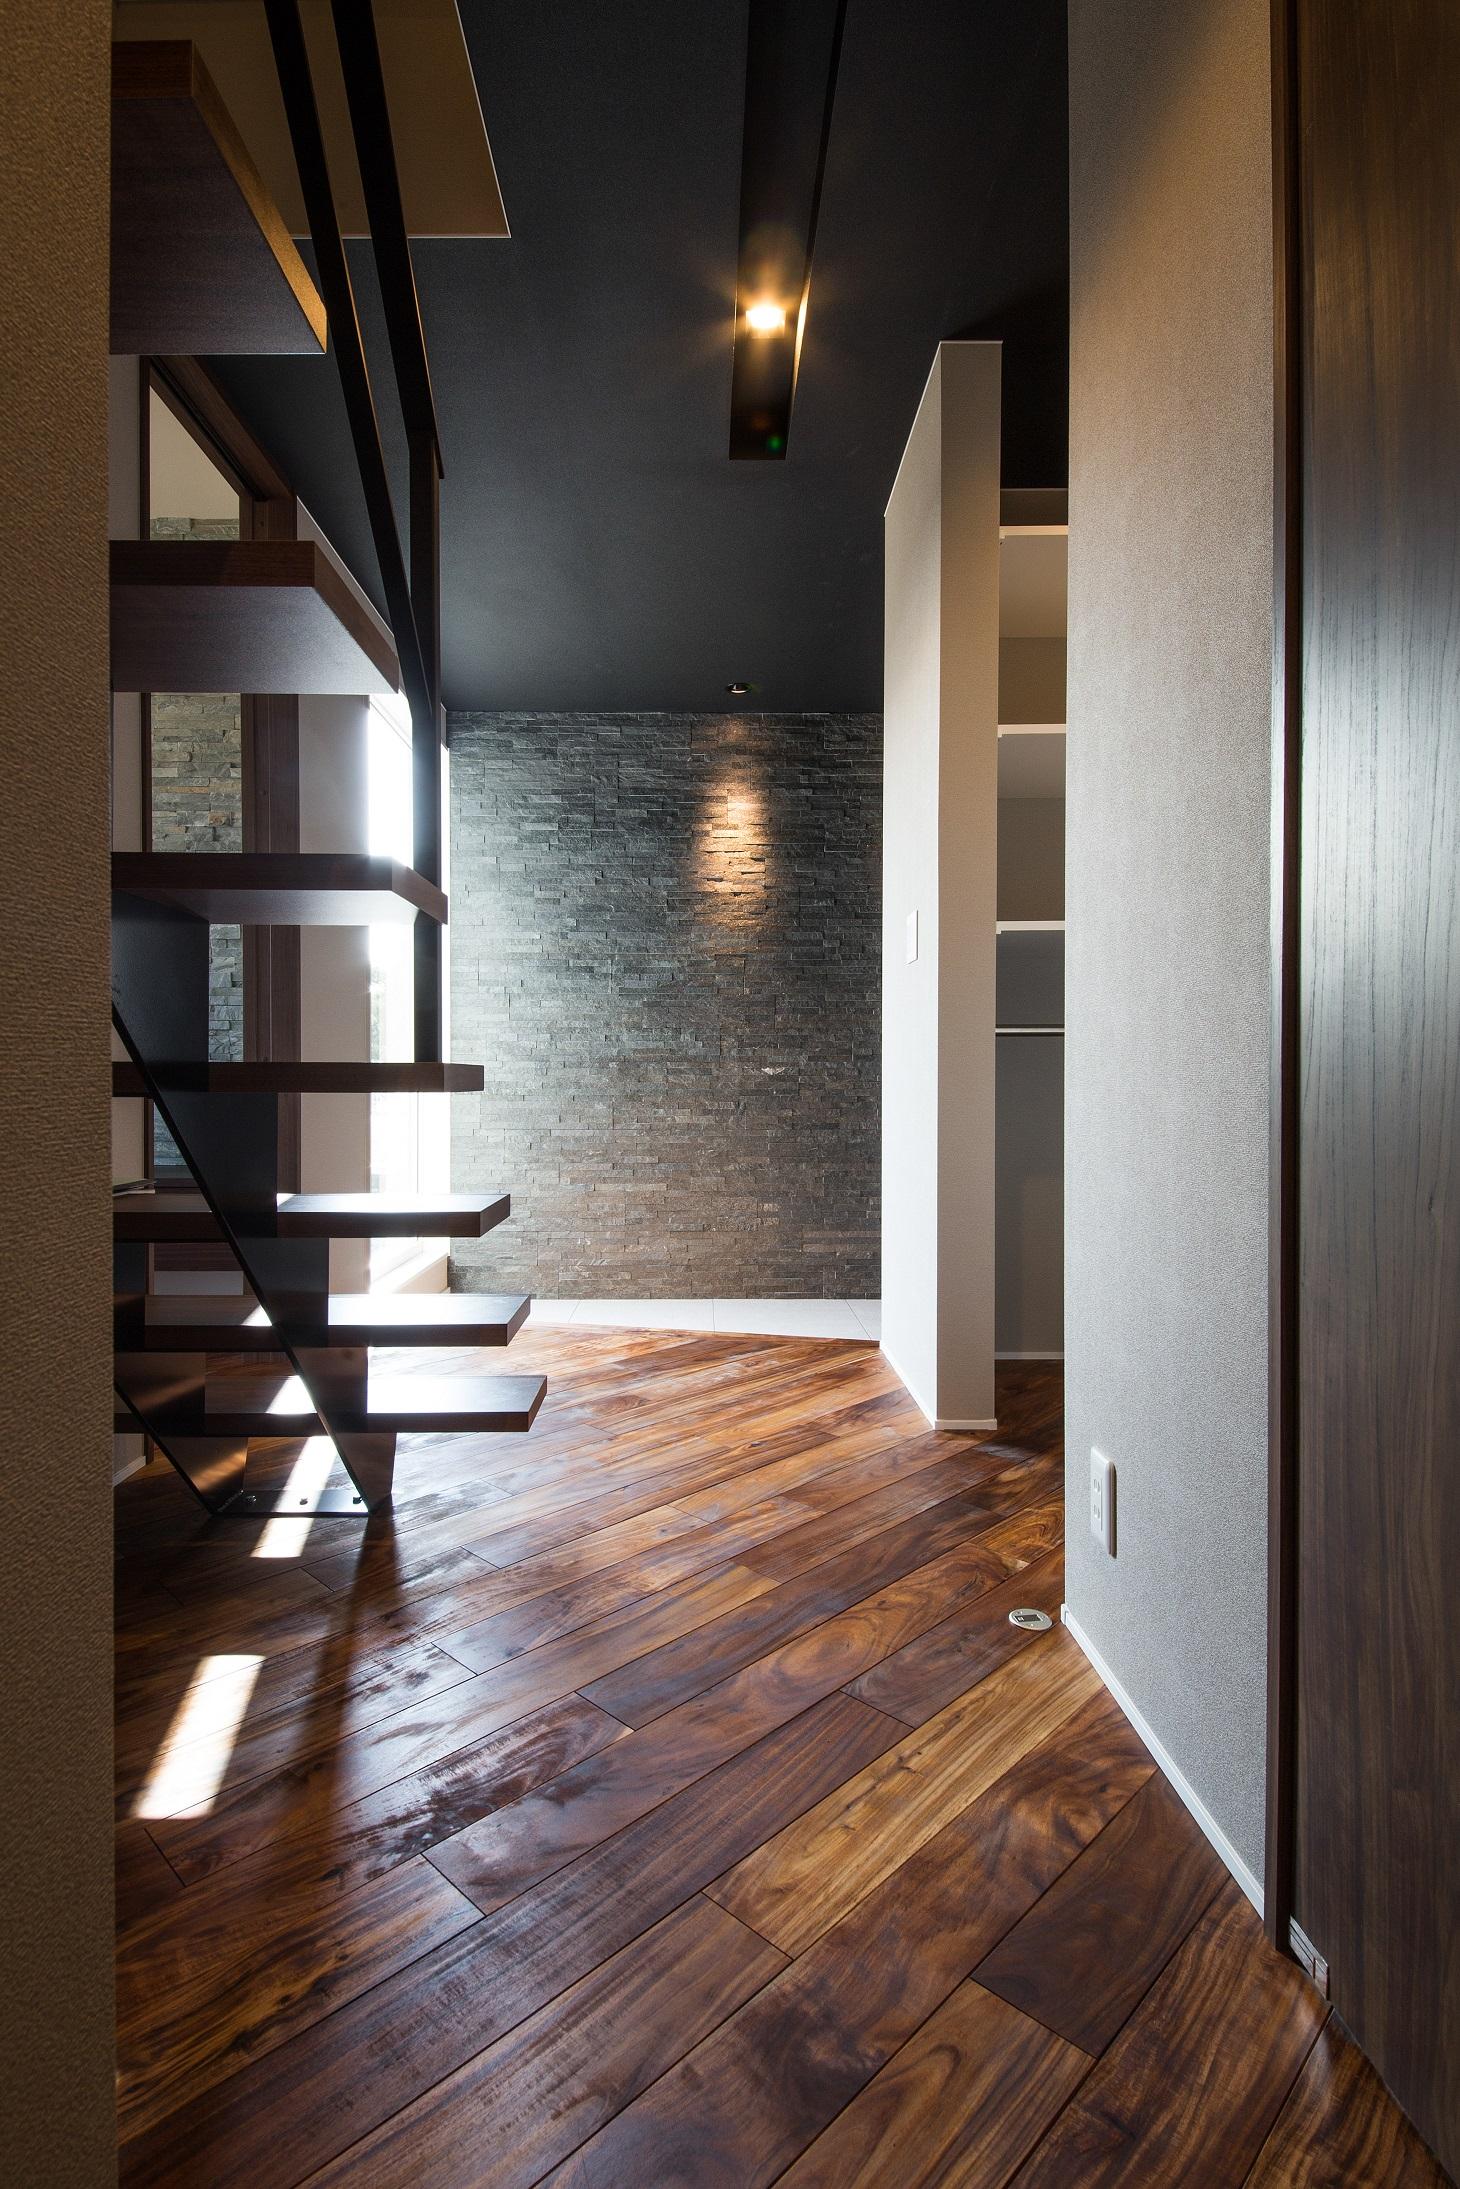 will建築工房【デザイン住宅、収納力、ガレージ】雑然としやすい玄関も、右手に設けた大容量のシューズクローゼットで美しさを保つことができる